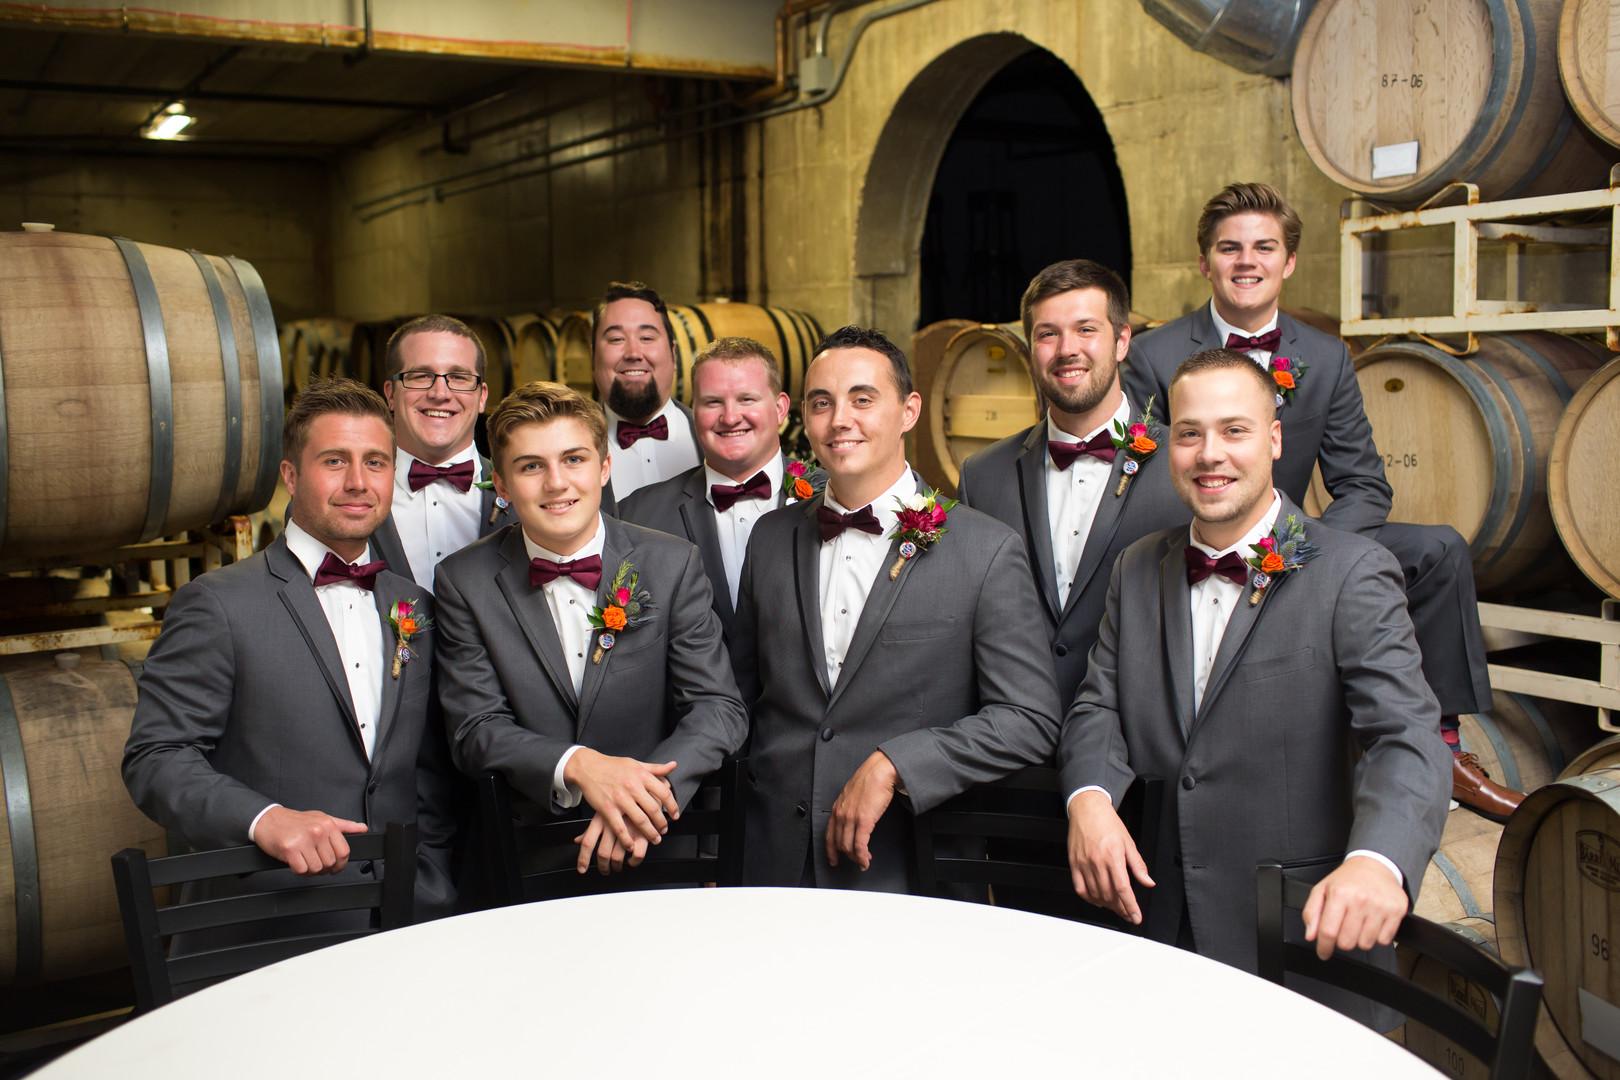 Gray Groomsmen Suits Chicago Wedding Elite Photo